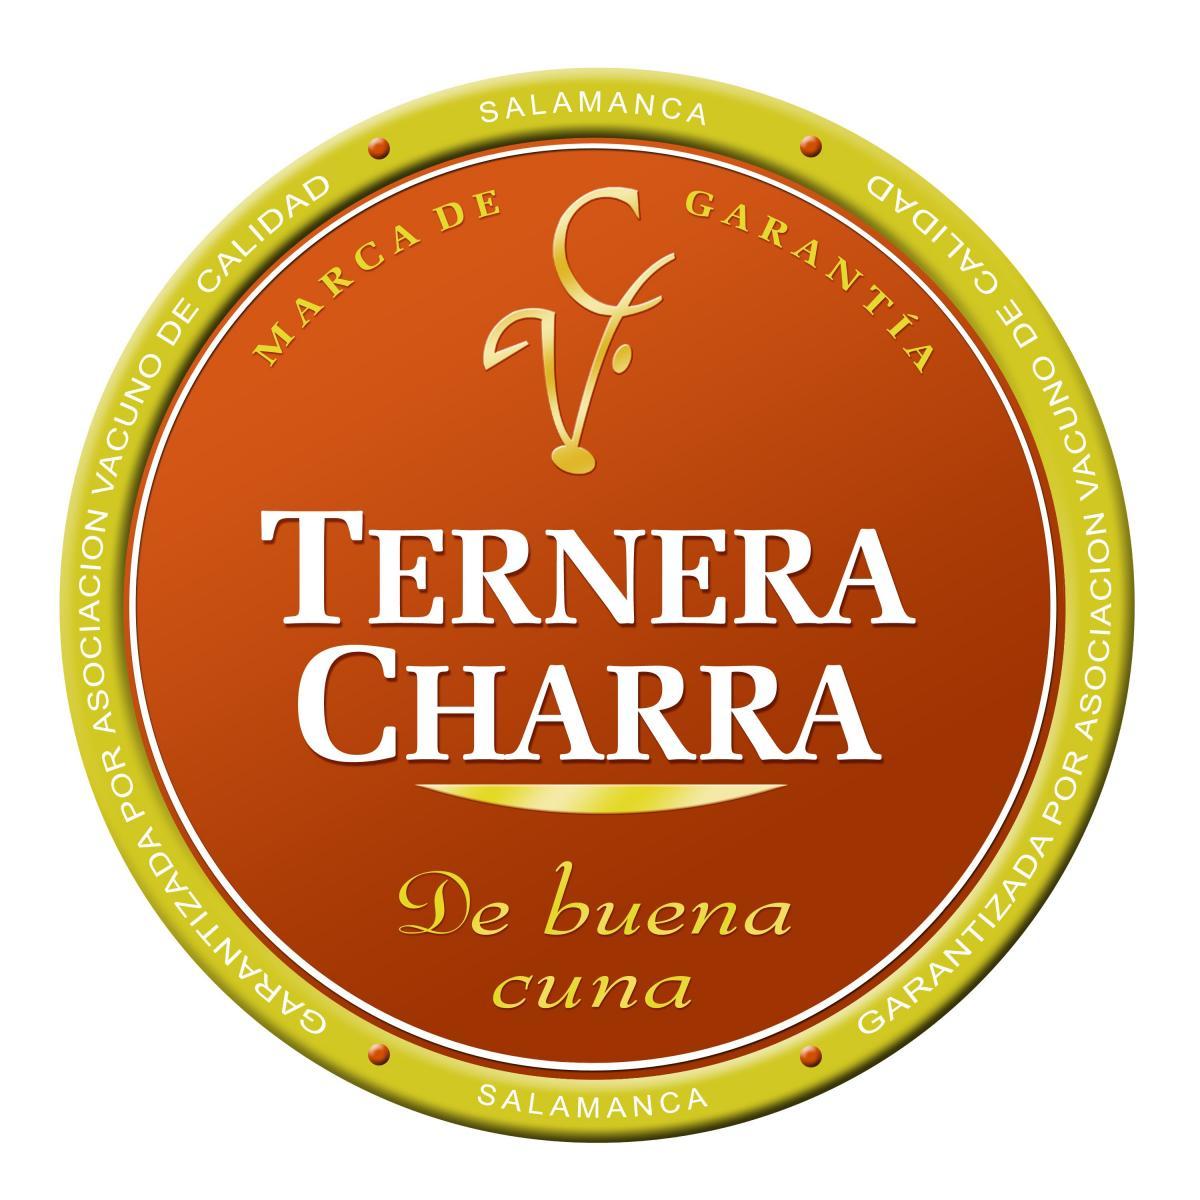 M.G. Ternera Charra